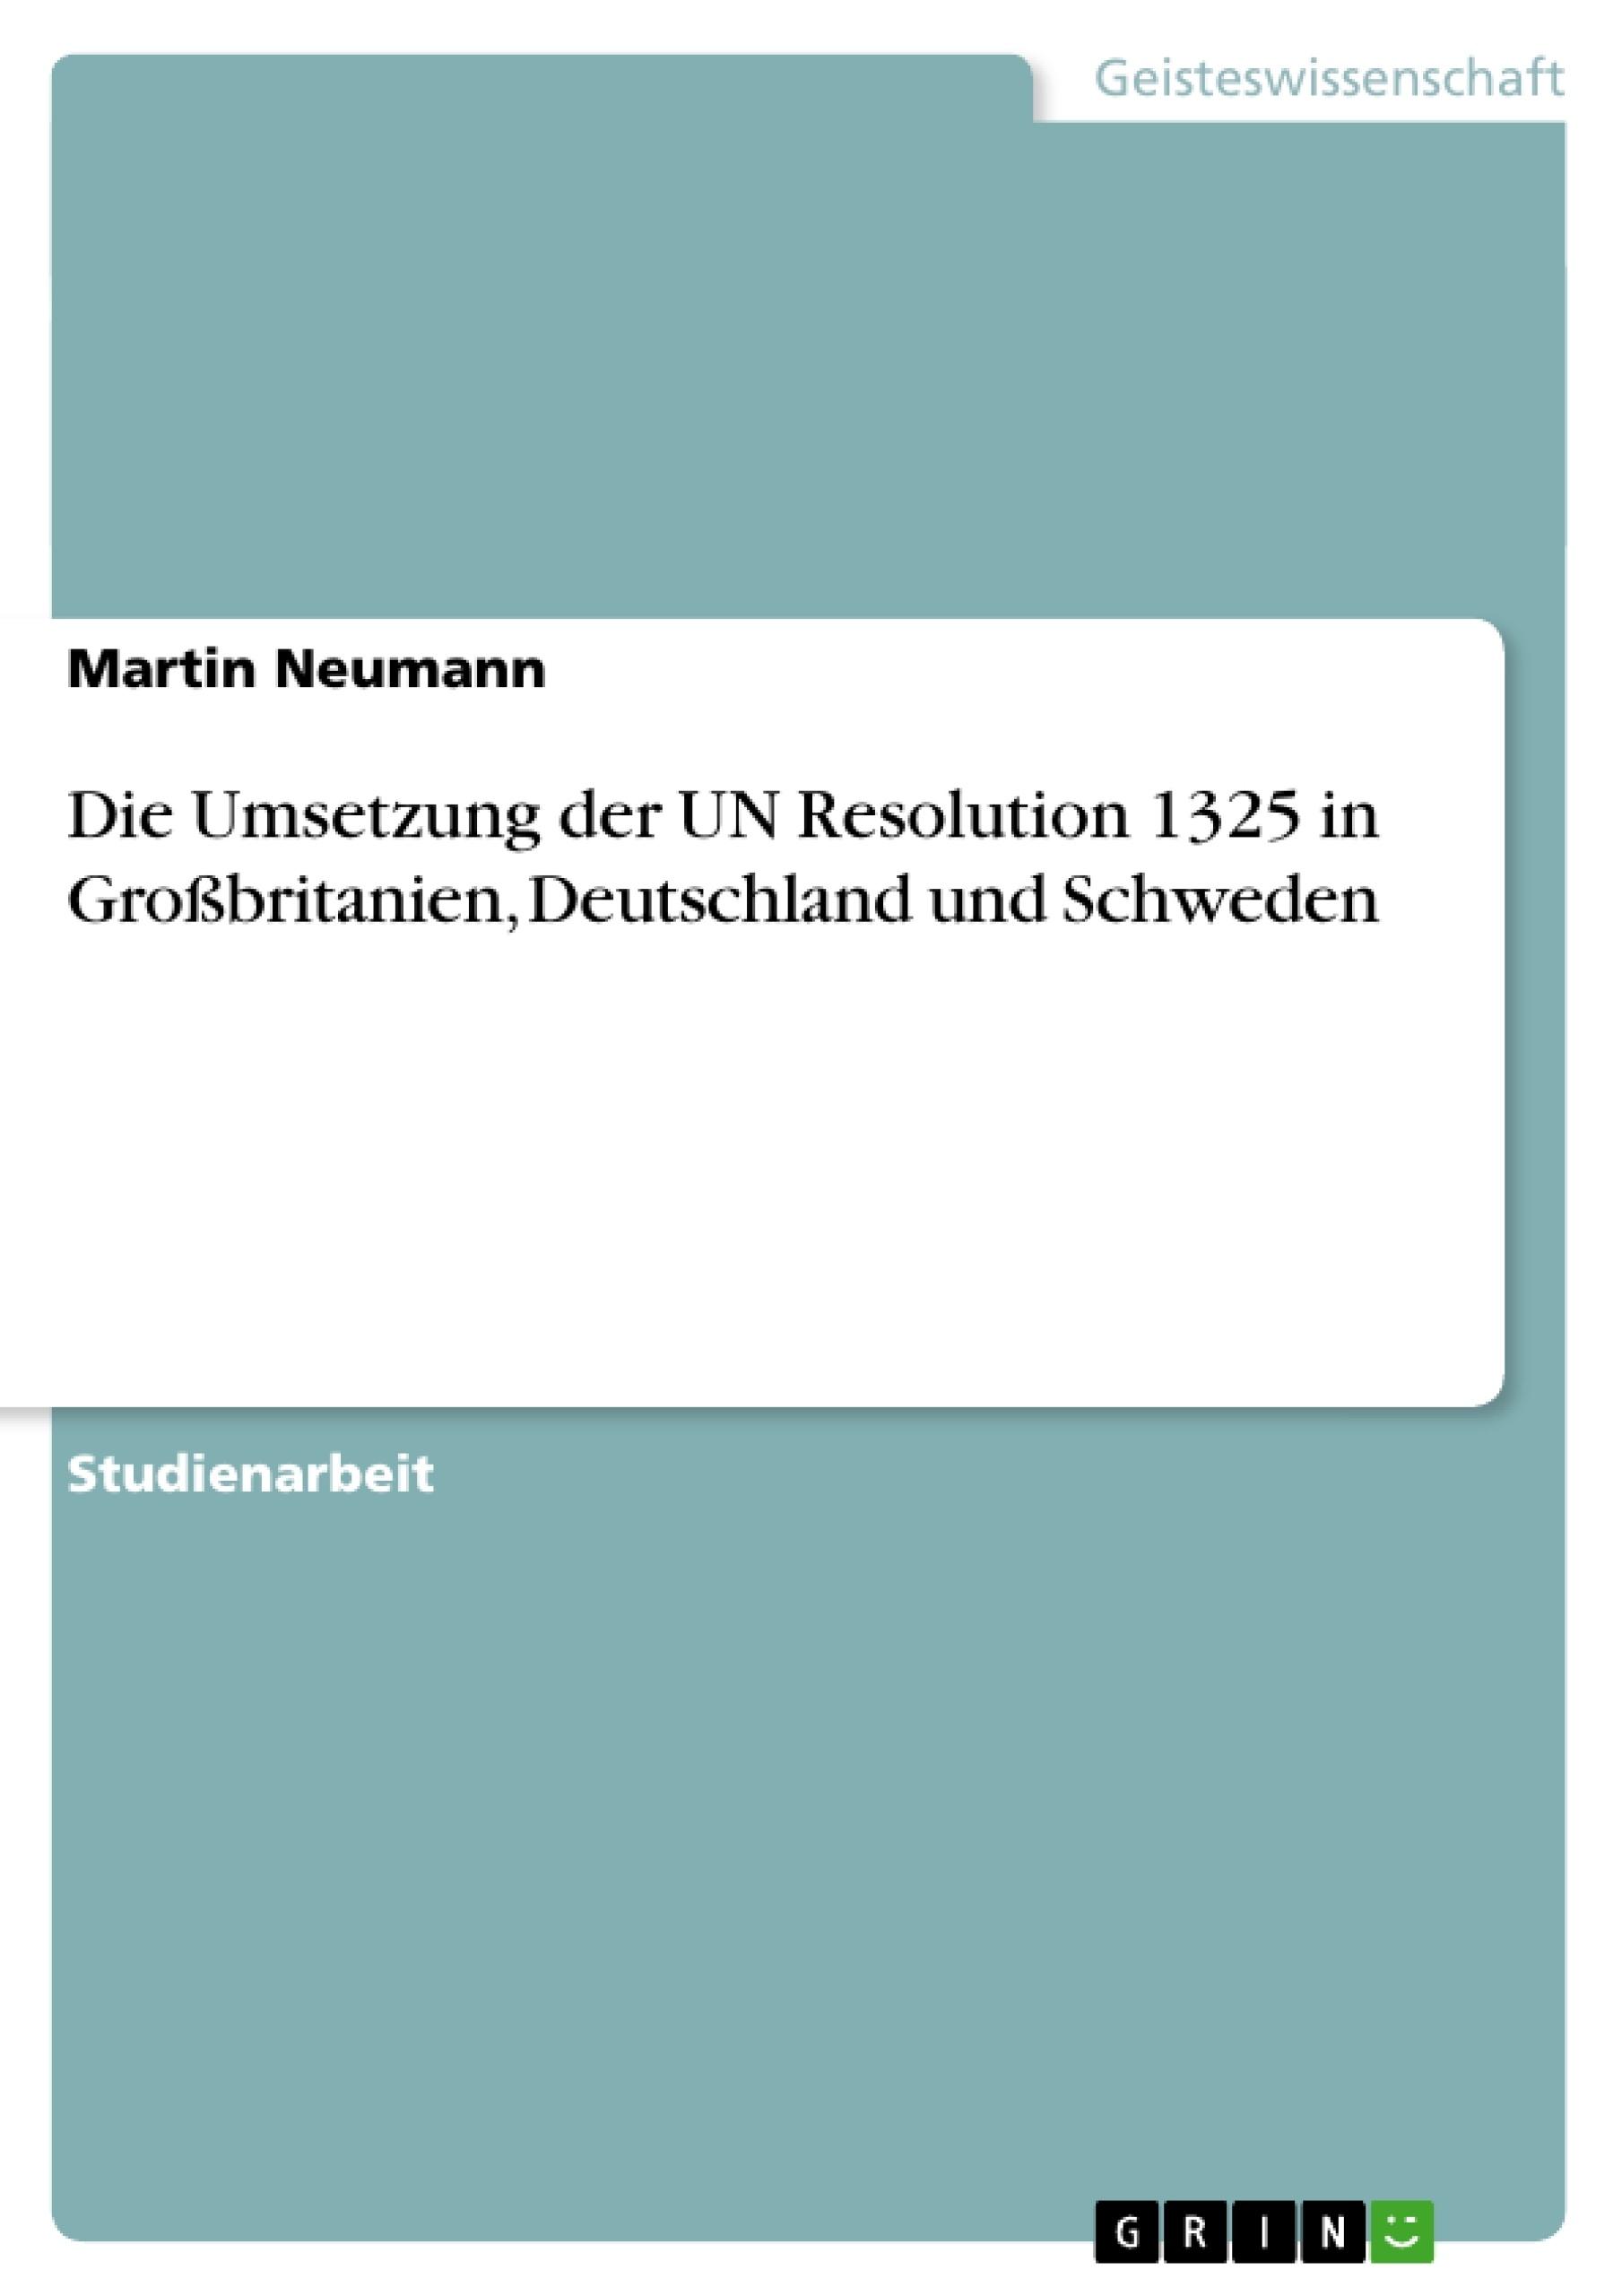 Titel: Die Umsetzung der UN Resolution 1325 in Großbritanien, Deutschland und Schweden